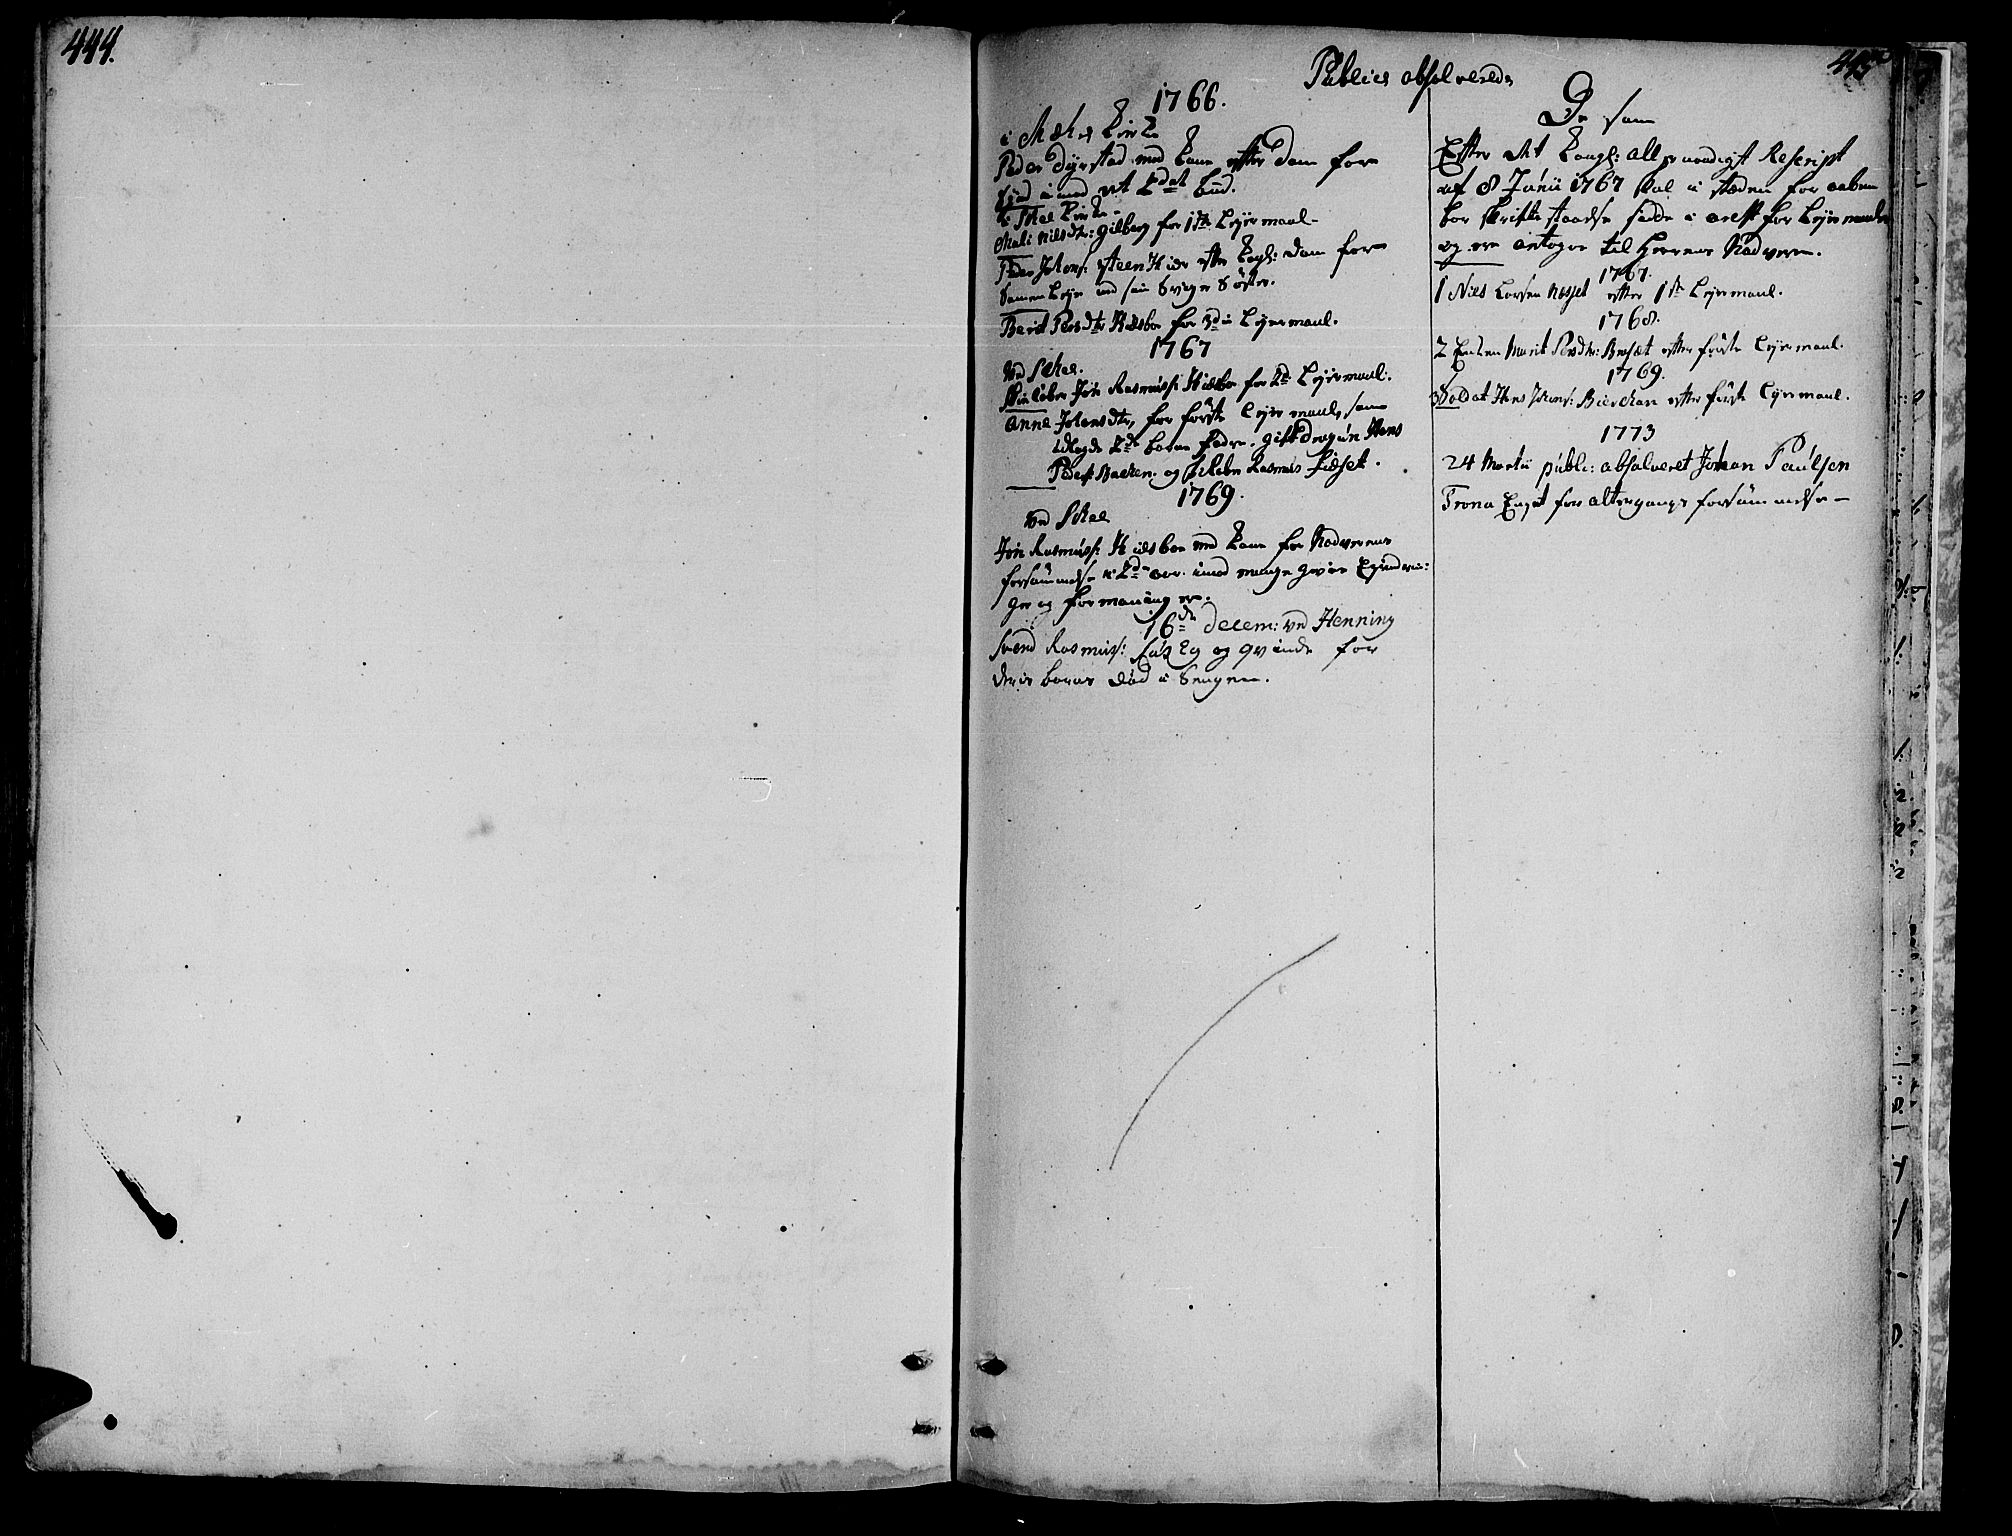 SAT, Ministerialprotokoller, klokkerbøker og fødselsregistre - Nord-Trøndelag, 735/L0331: Ministerialbok nr. 735A02, 1762-1794, s. 444-445